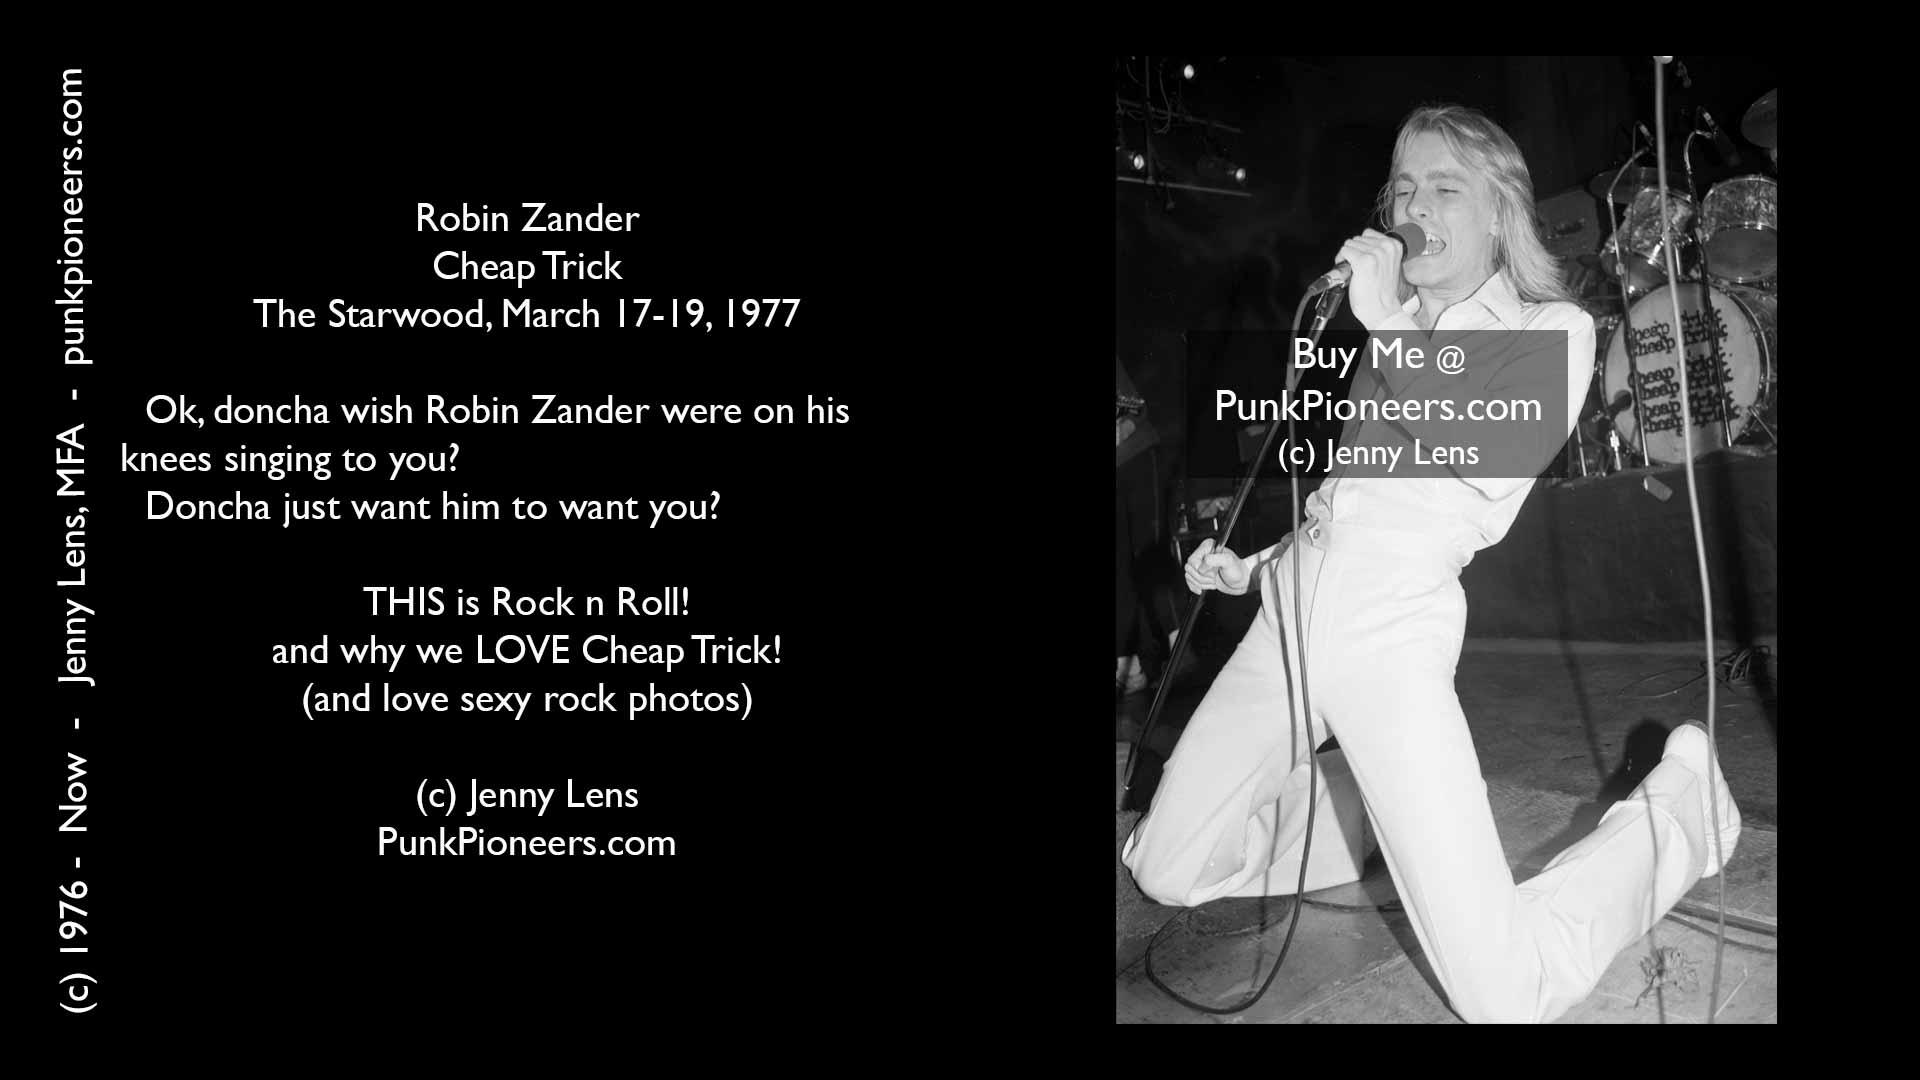 Cheap Trick, Robin Zander, Starwood, March 1977, Jenny Lens, PunkPioneers.com